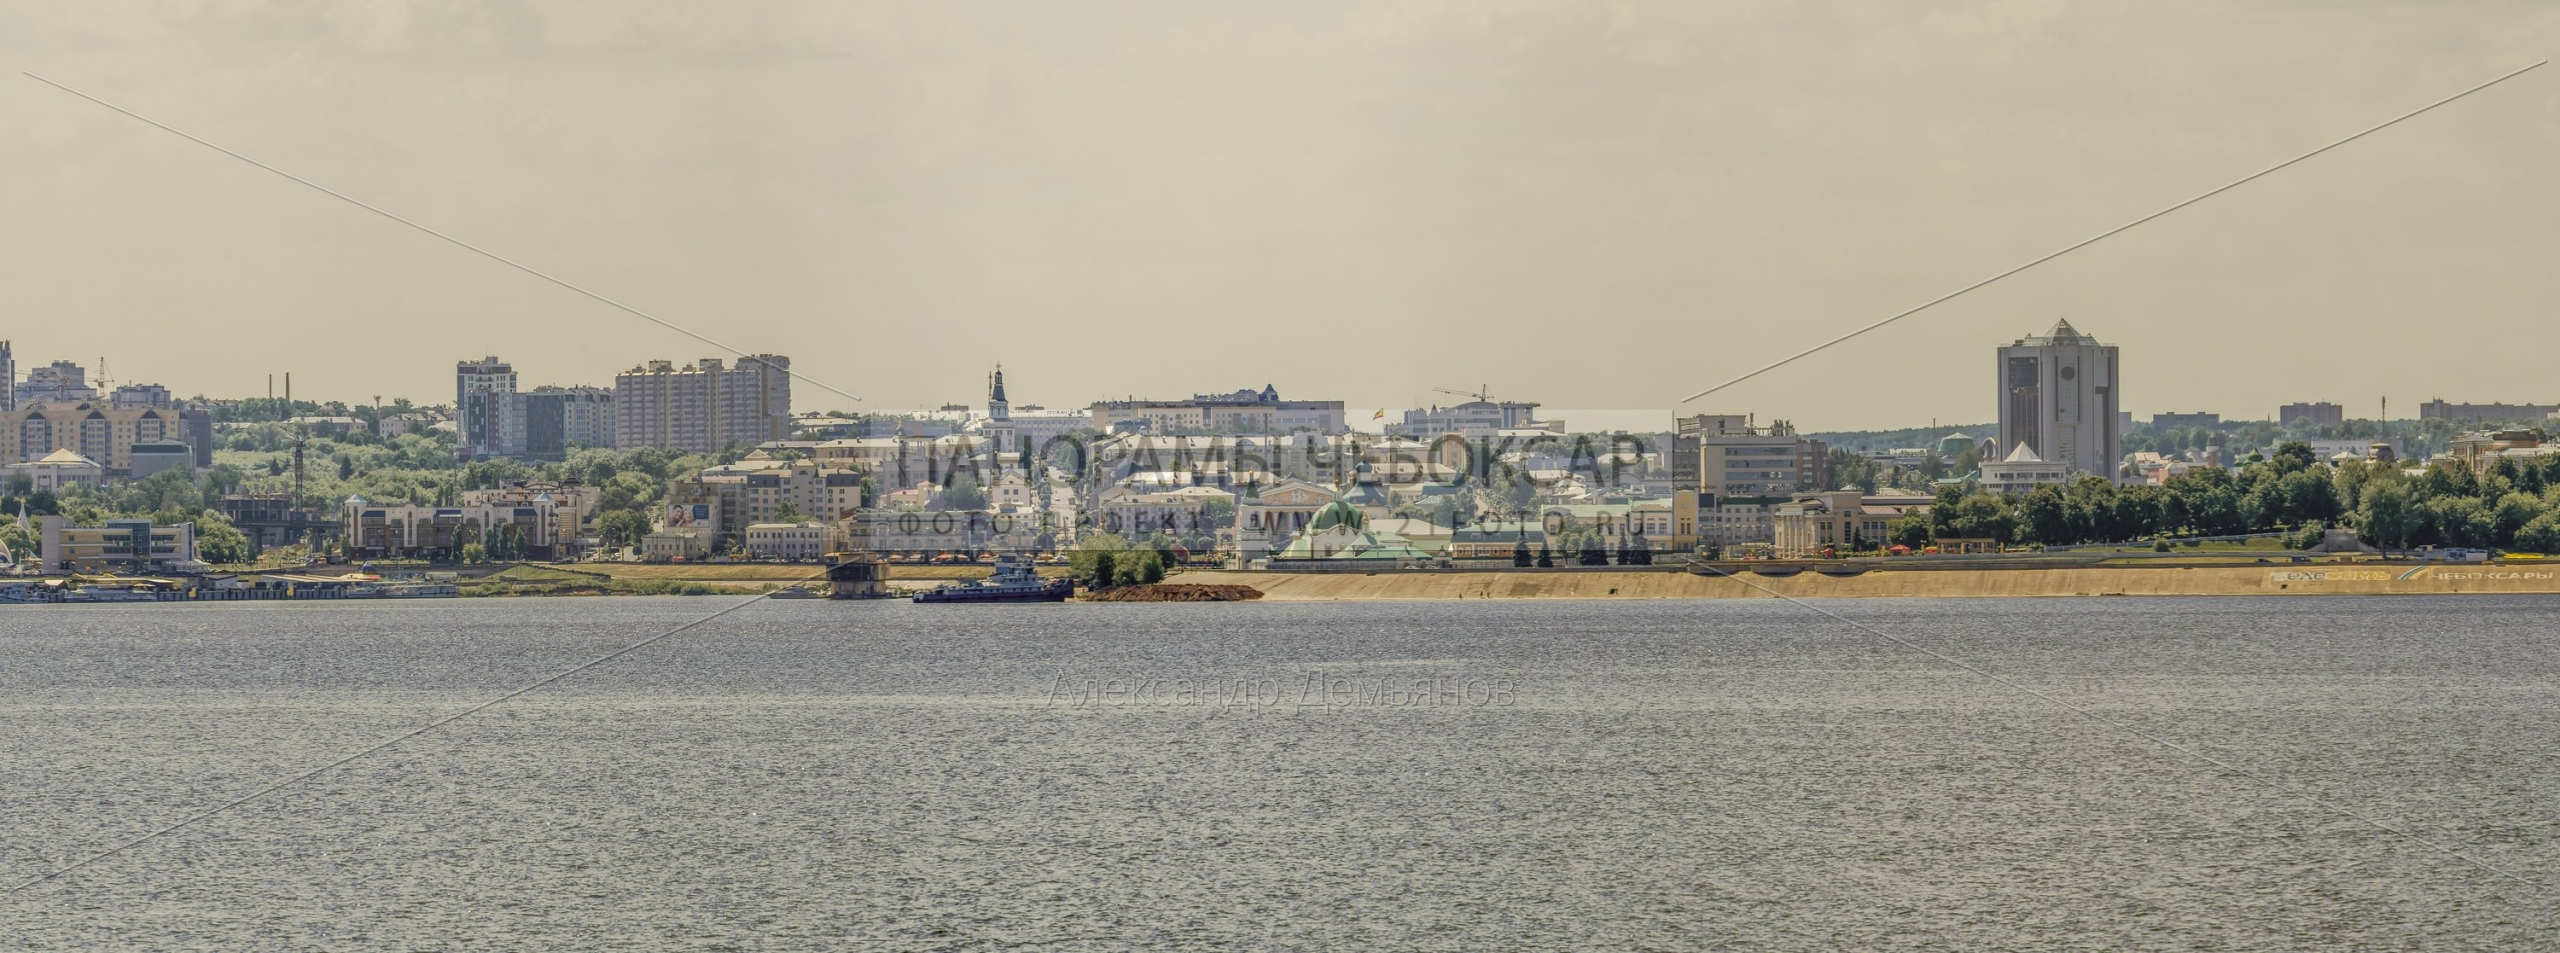 Первый день лета — левый берег, река Волга